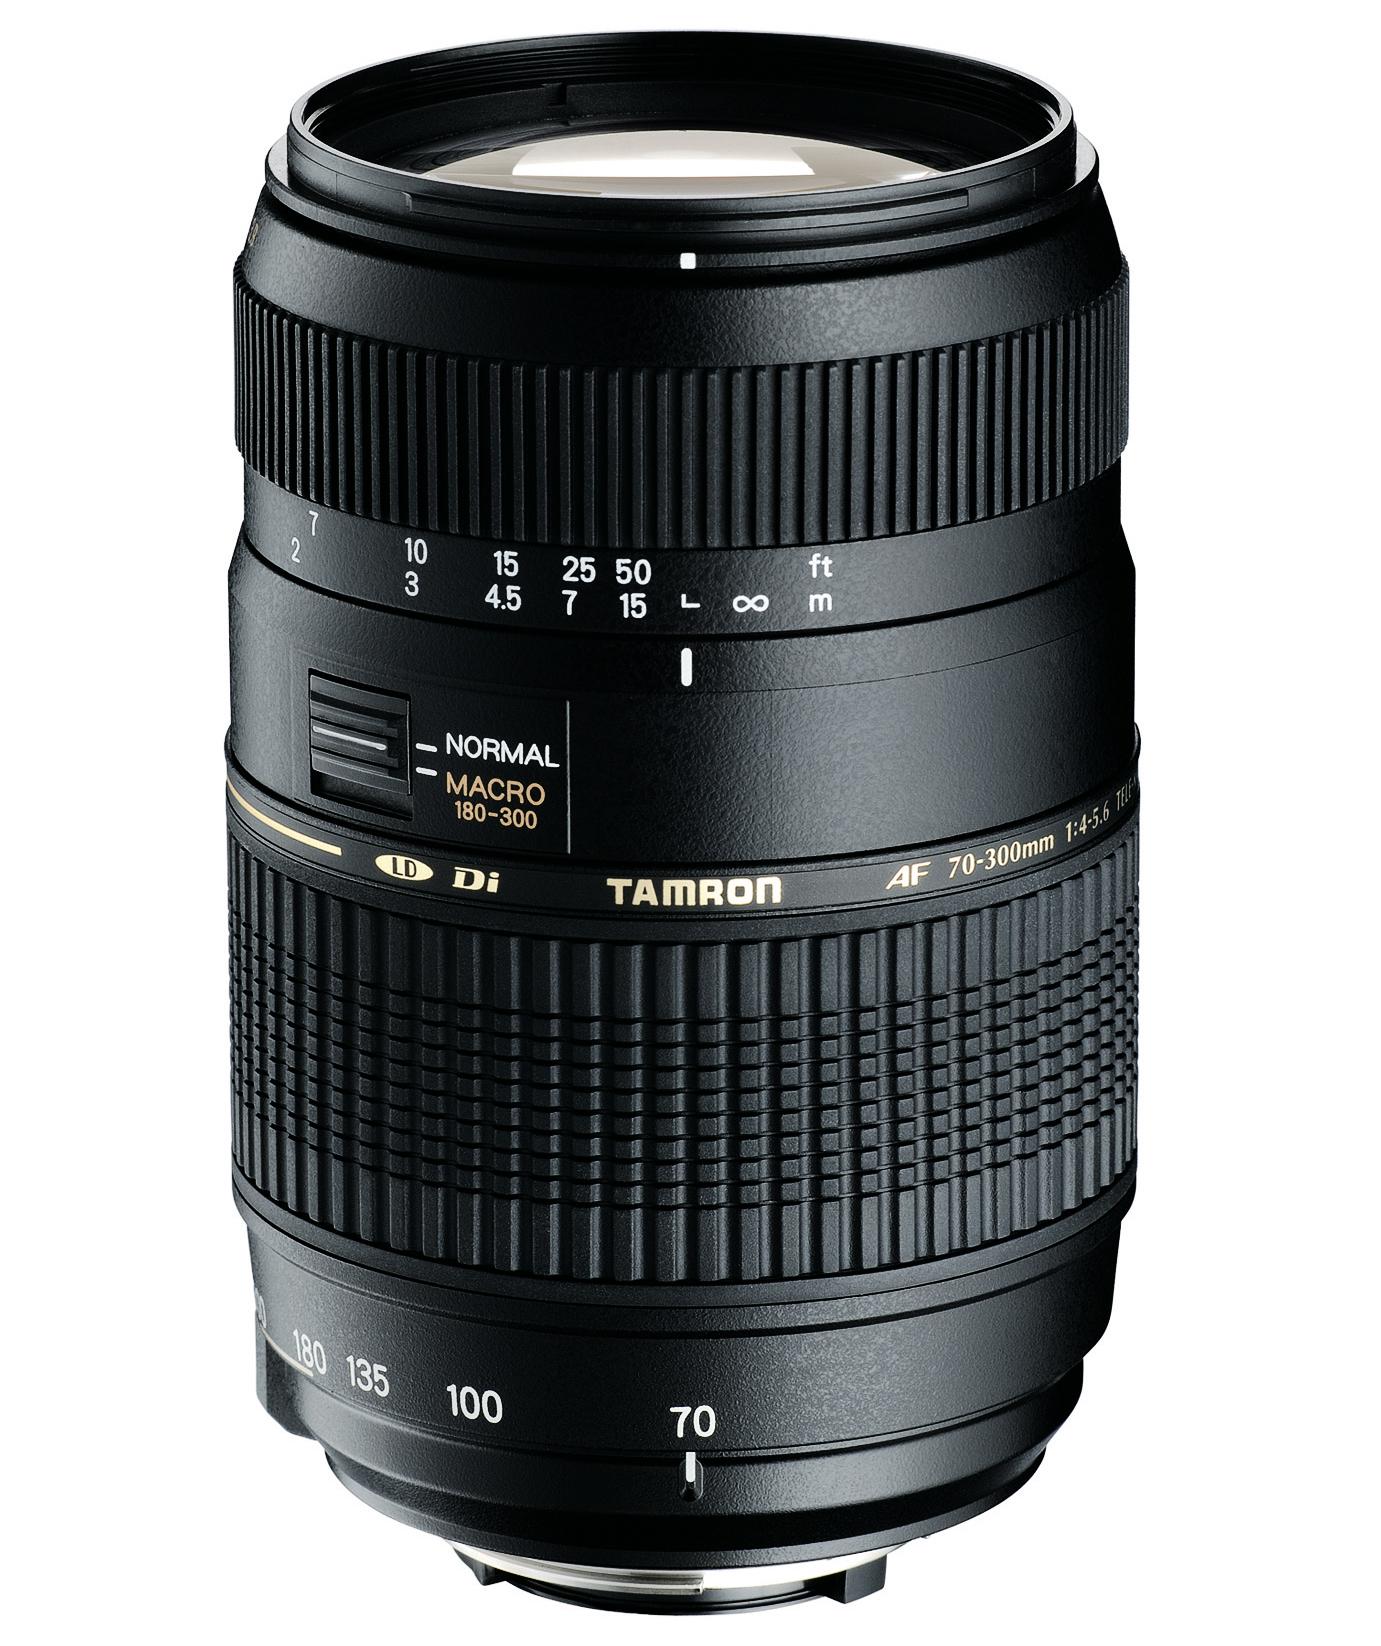 Tamron 70-300mm - T A17e